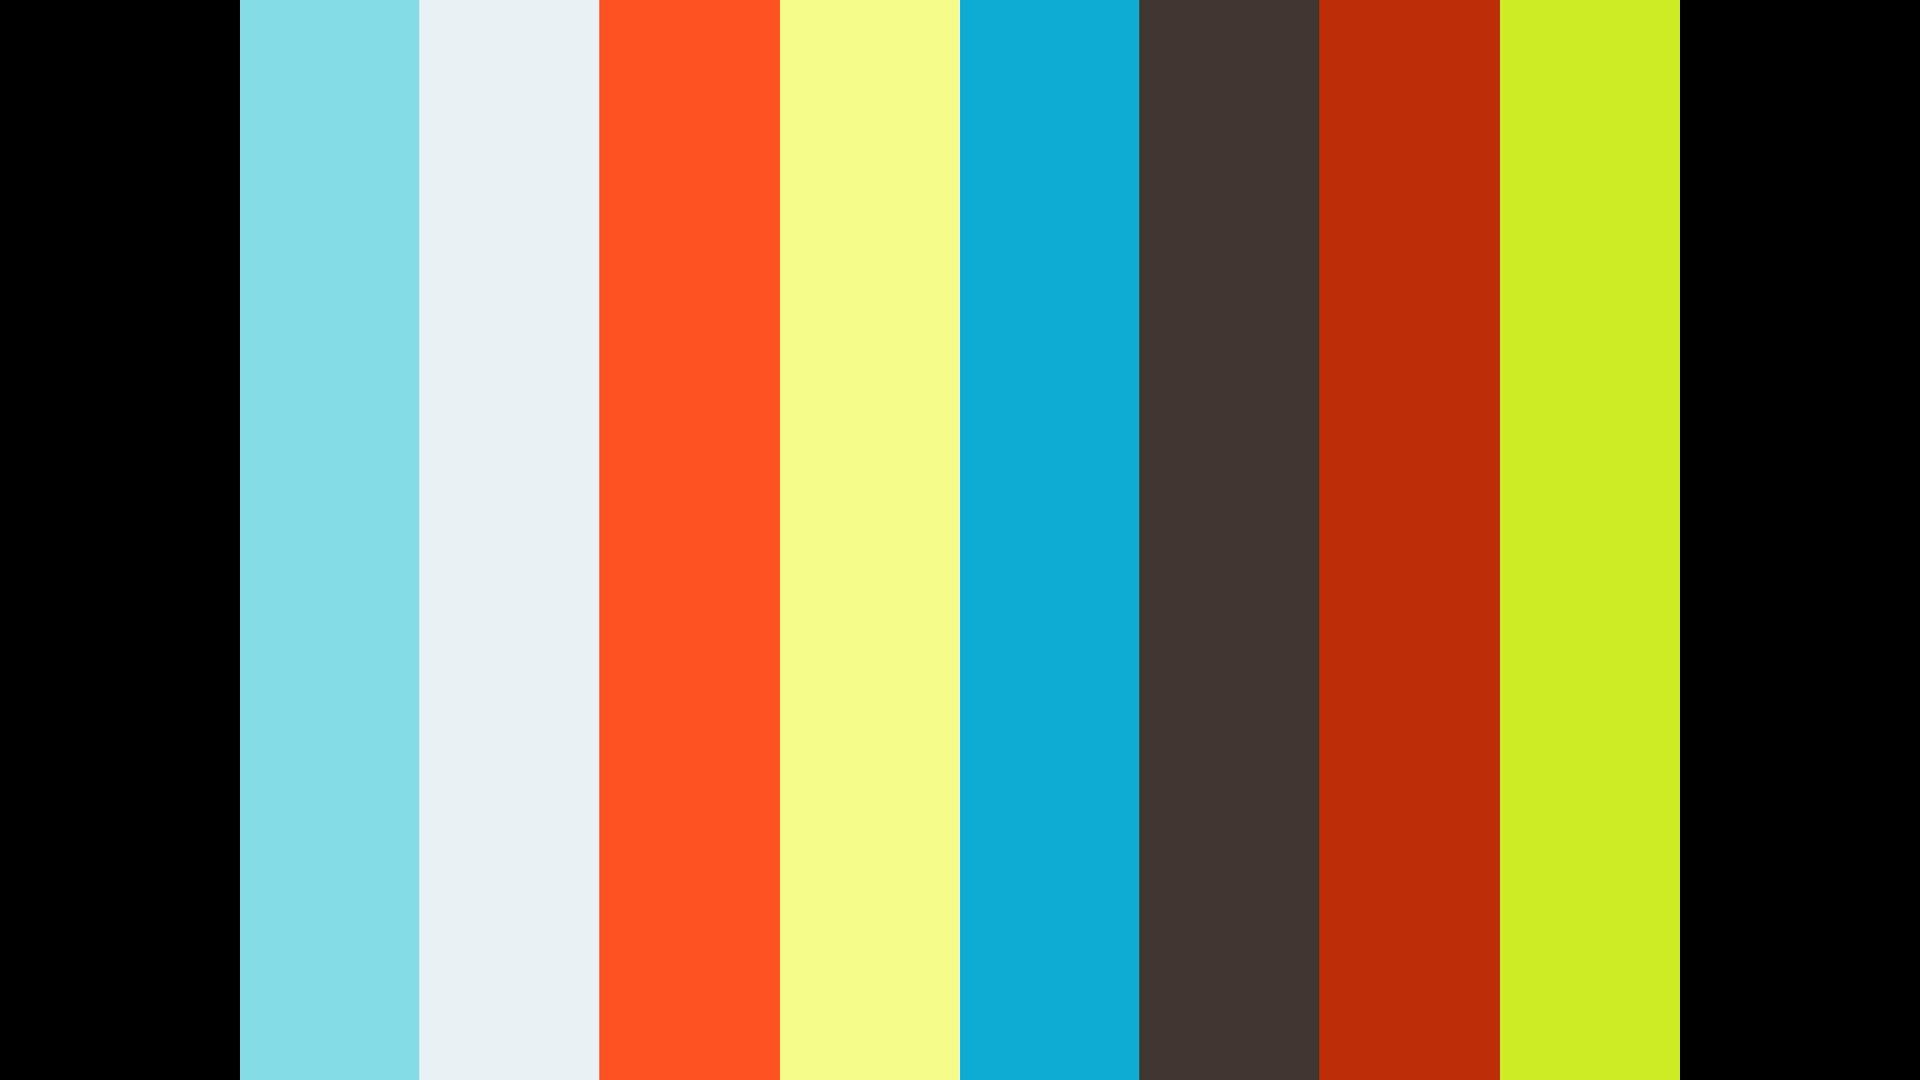 plab - 17 - la cantatrice chauve